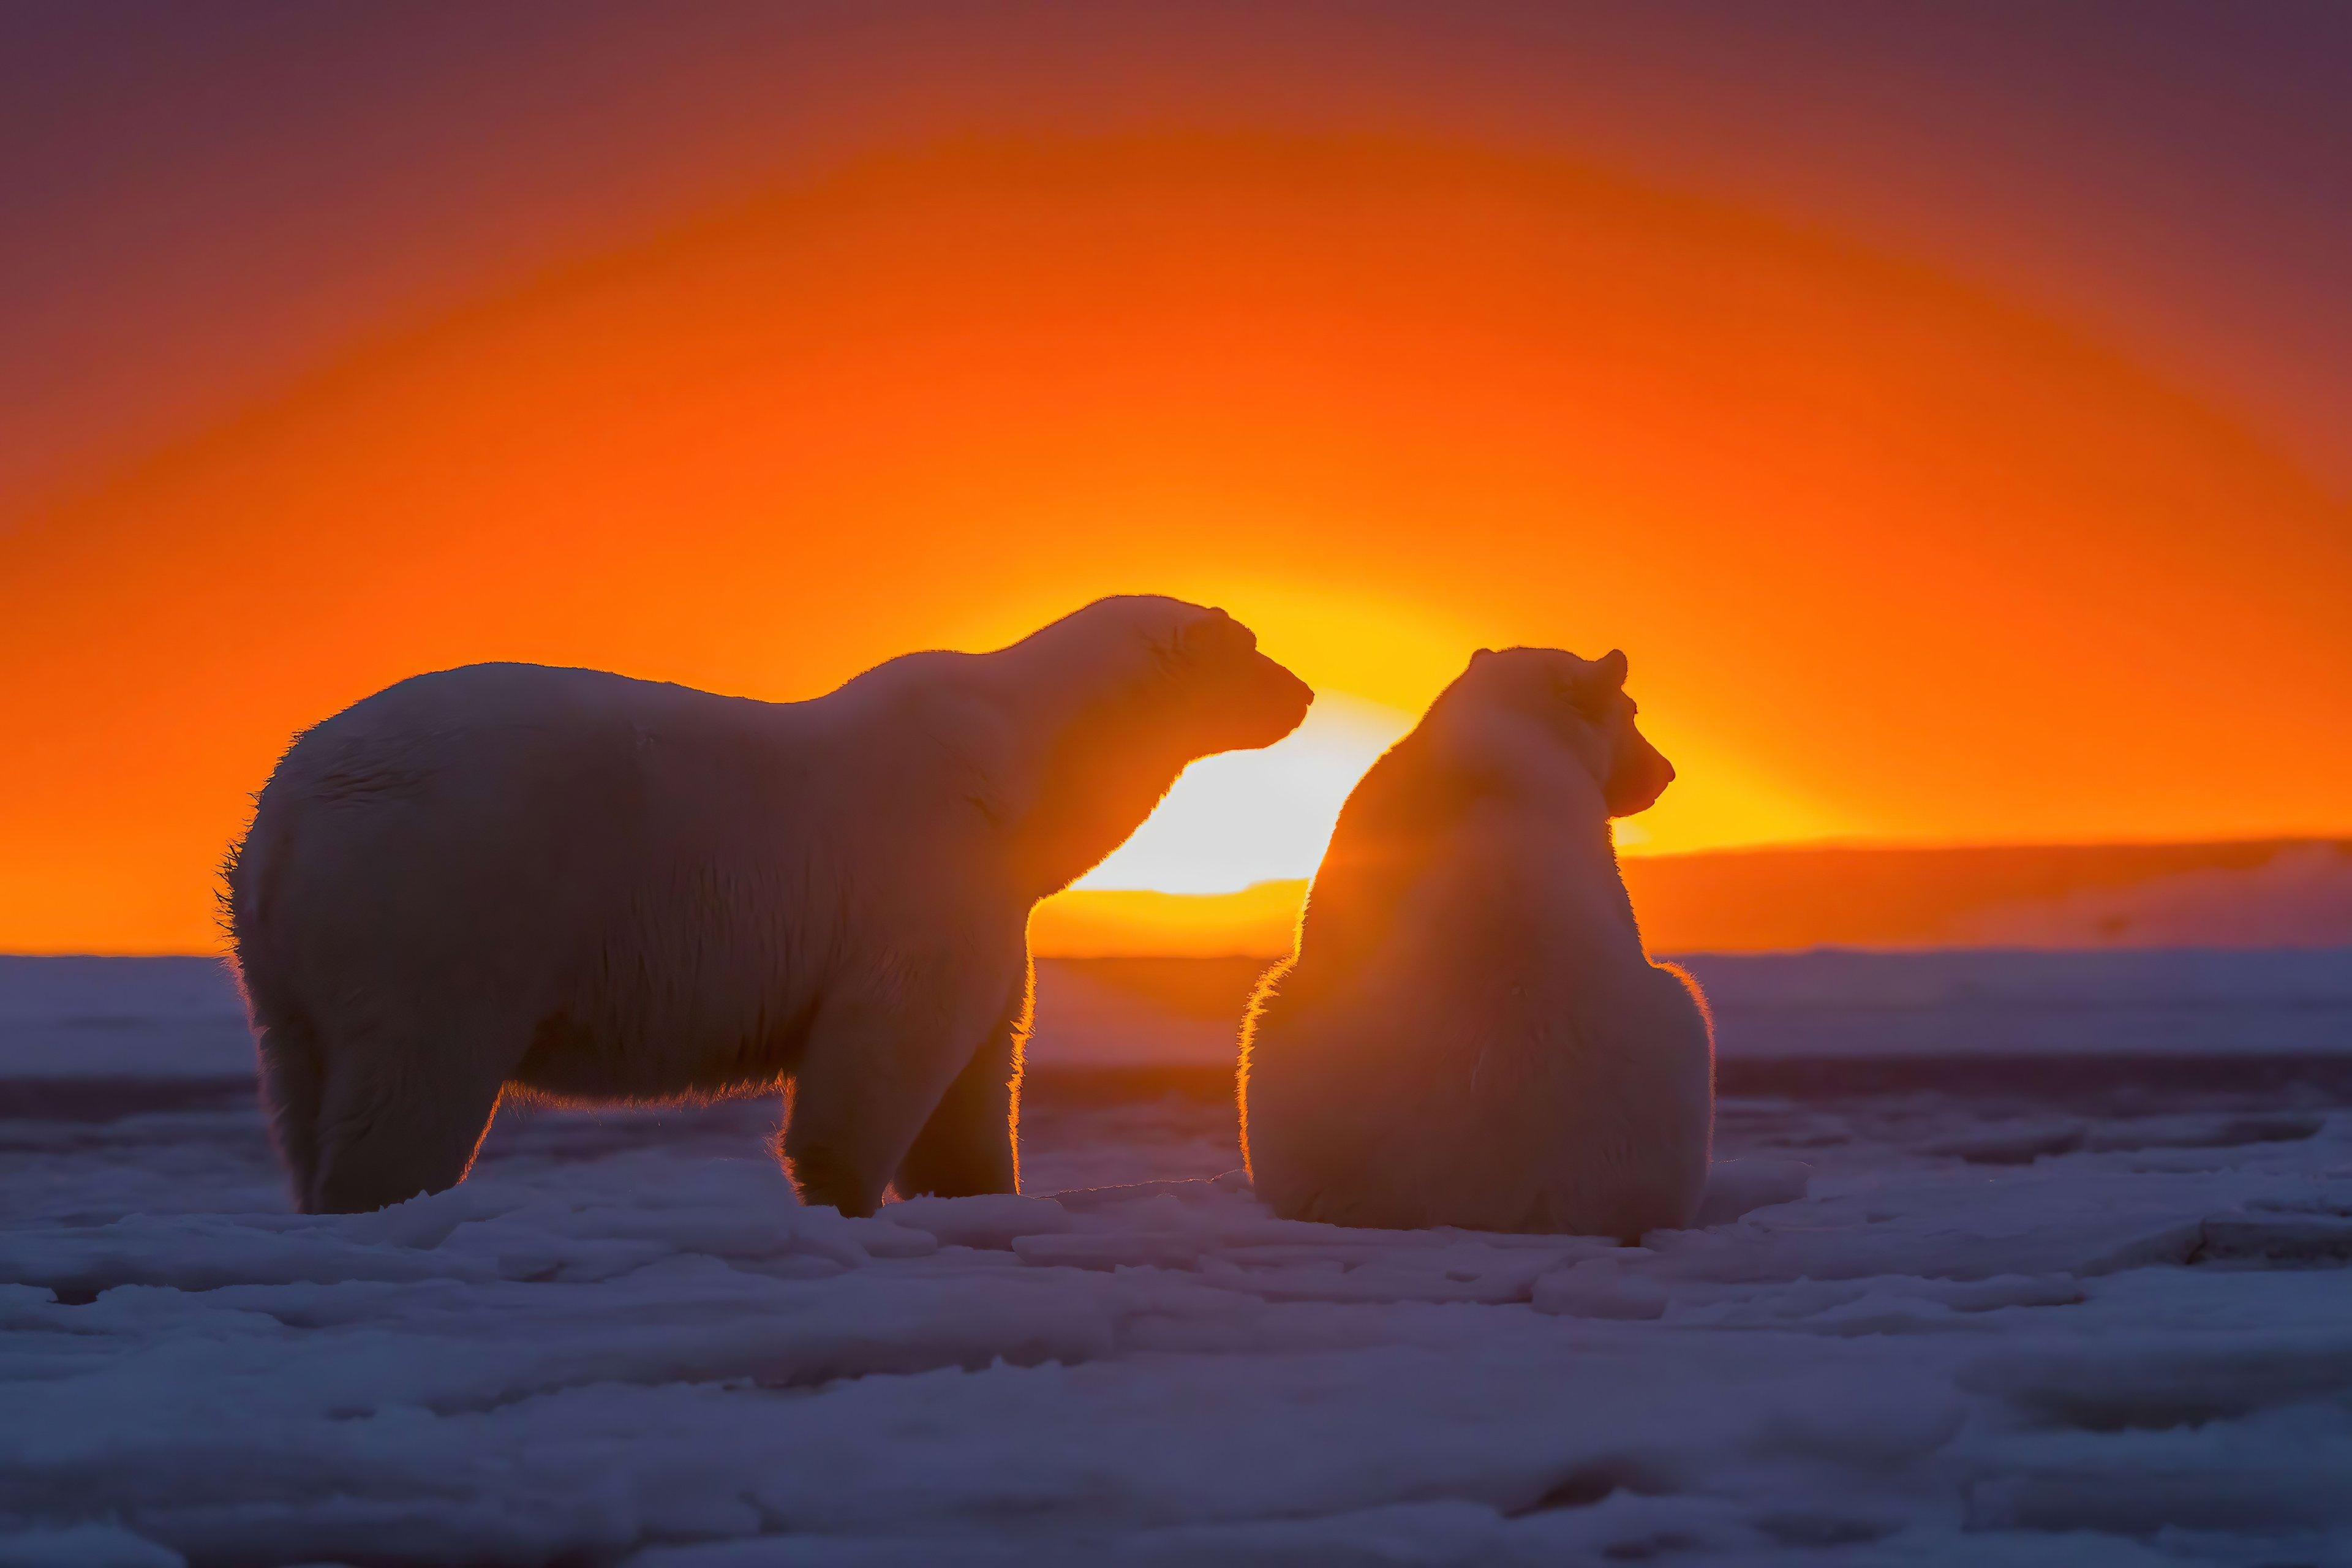 Fondos de pantalla Dos osos polares viendo el atardecer